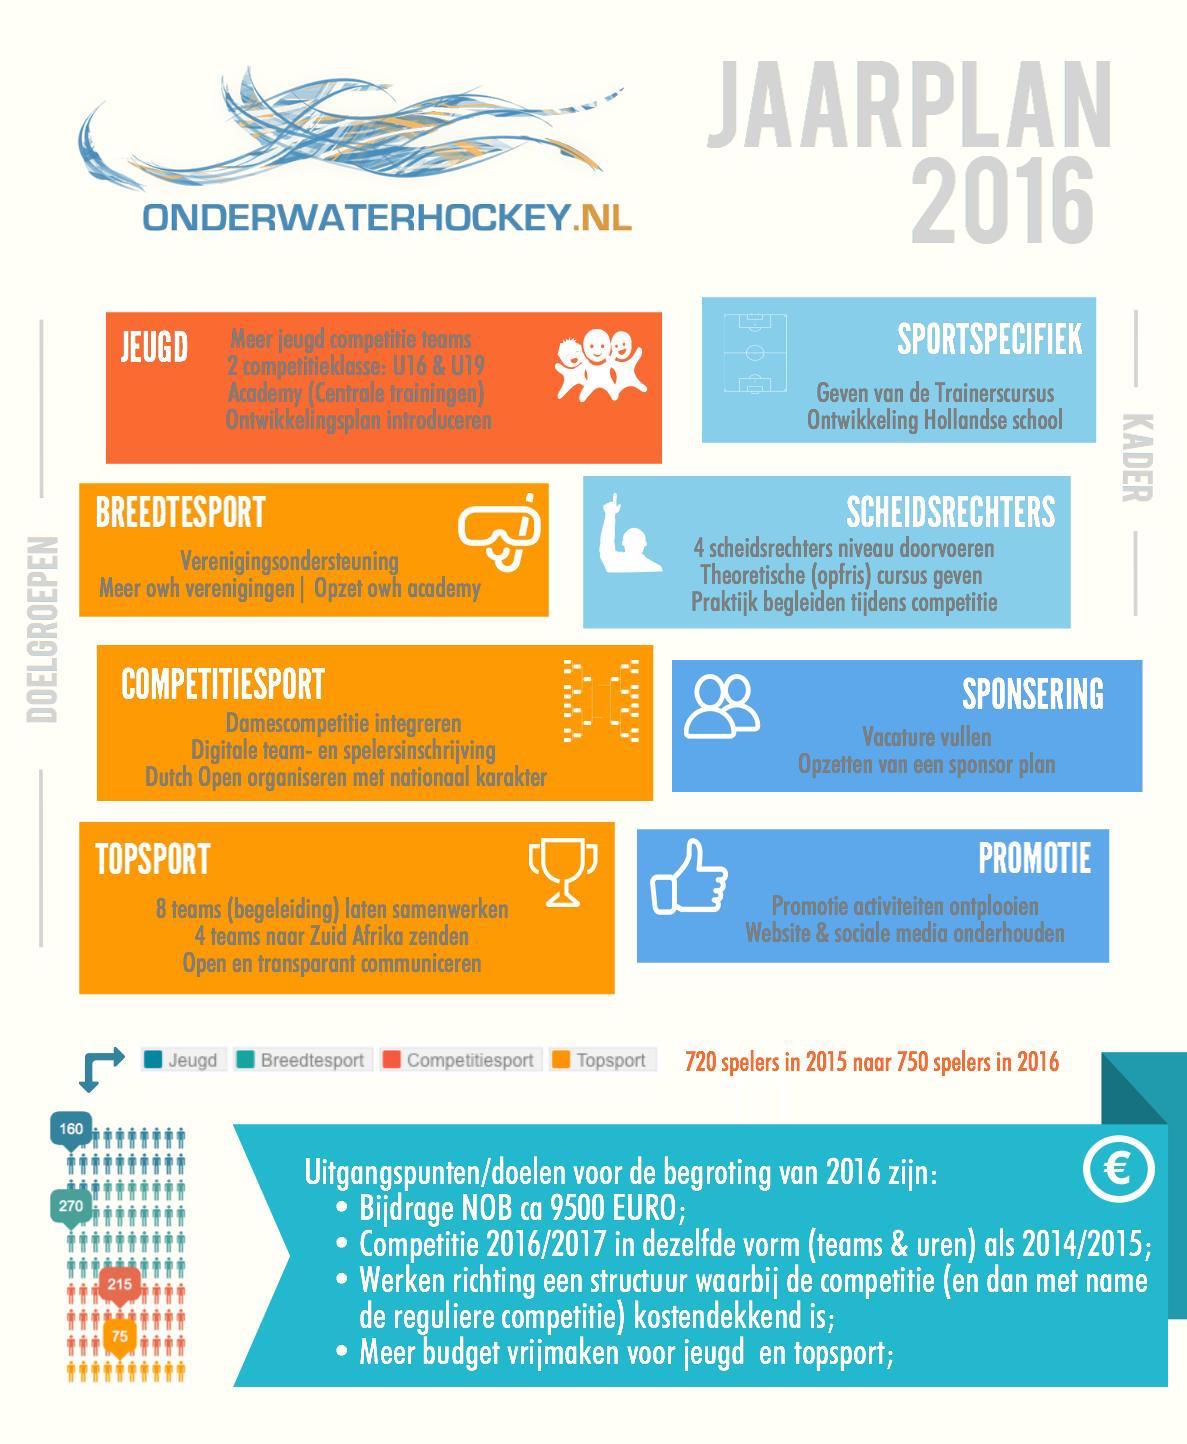 OWH jaarplan 2016